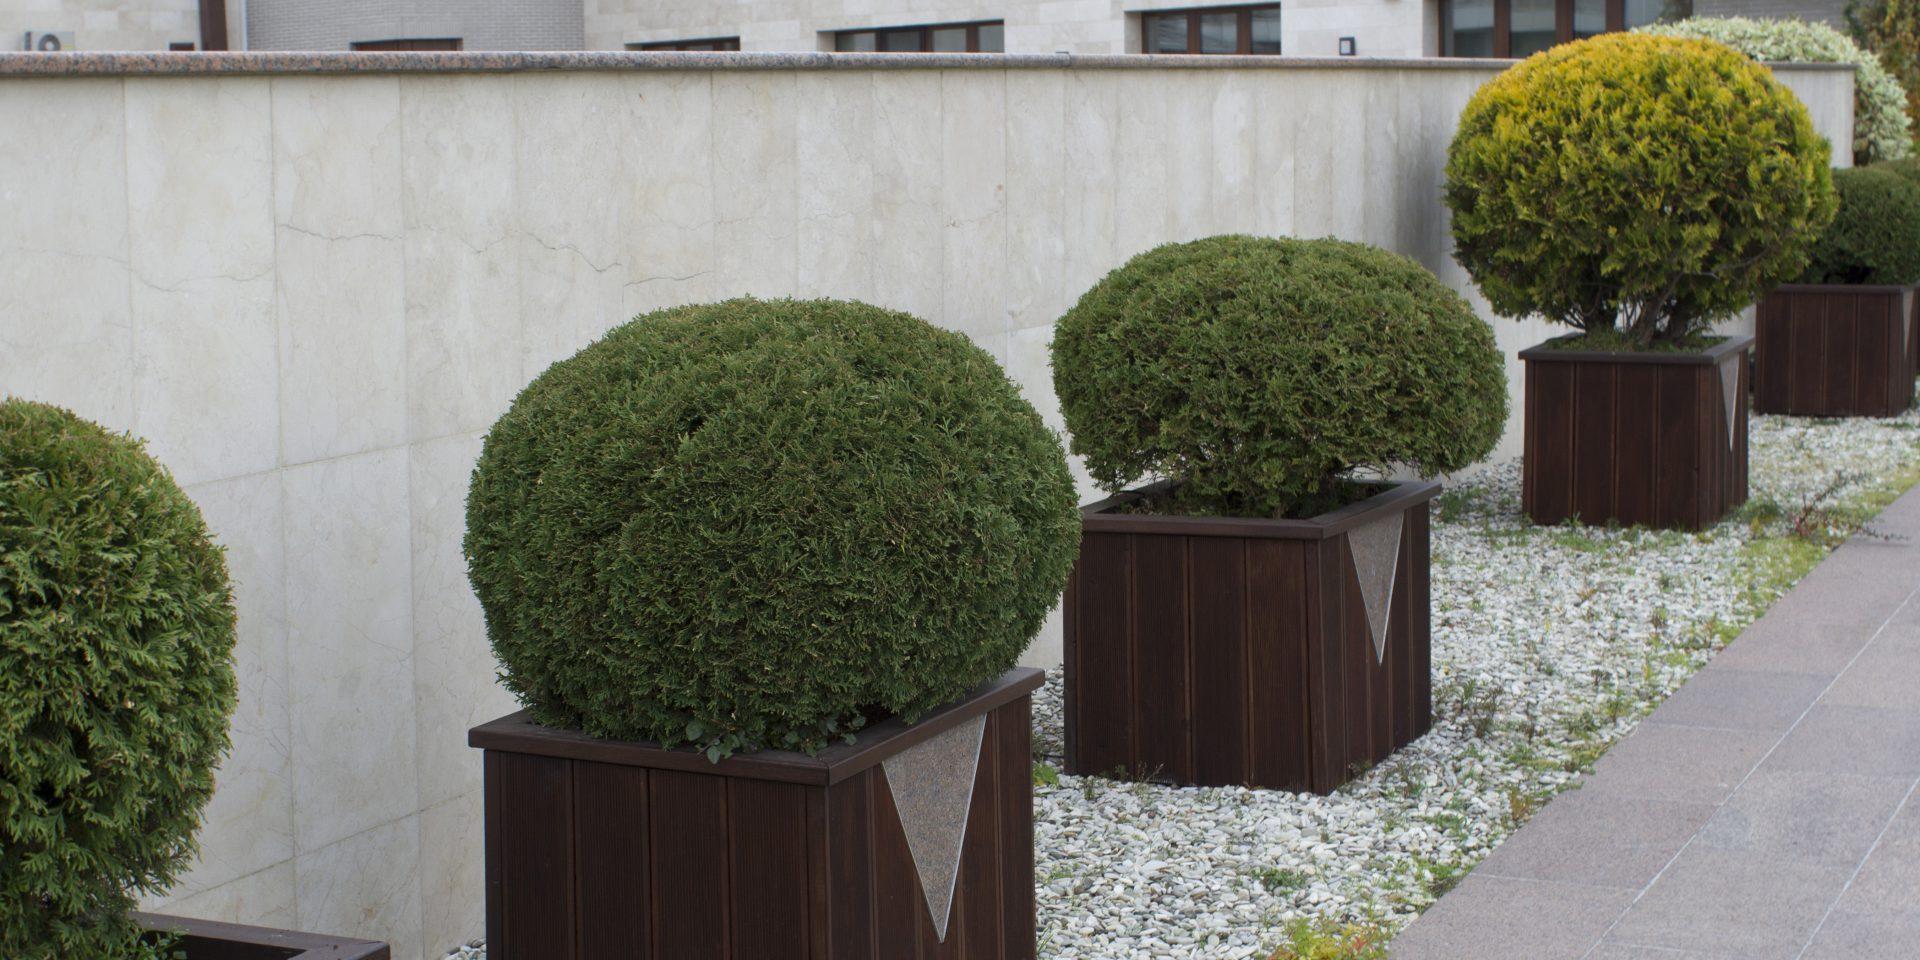 roof_garden_one30